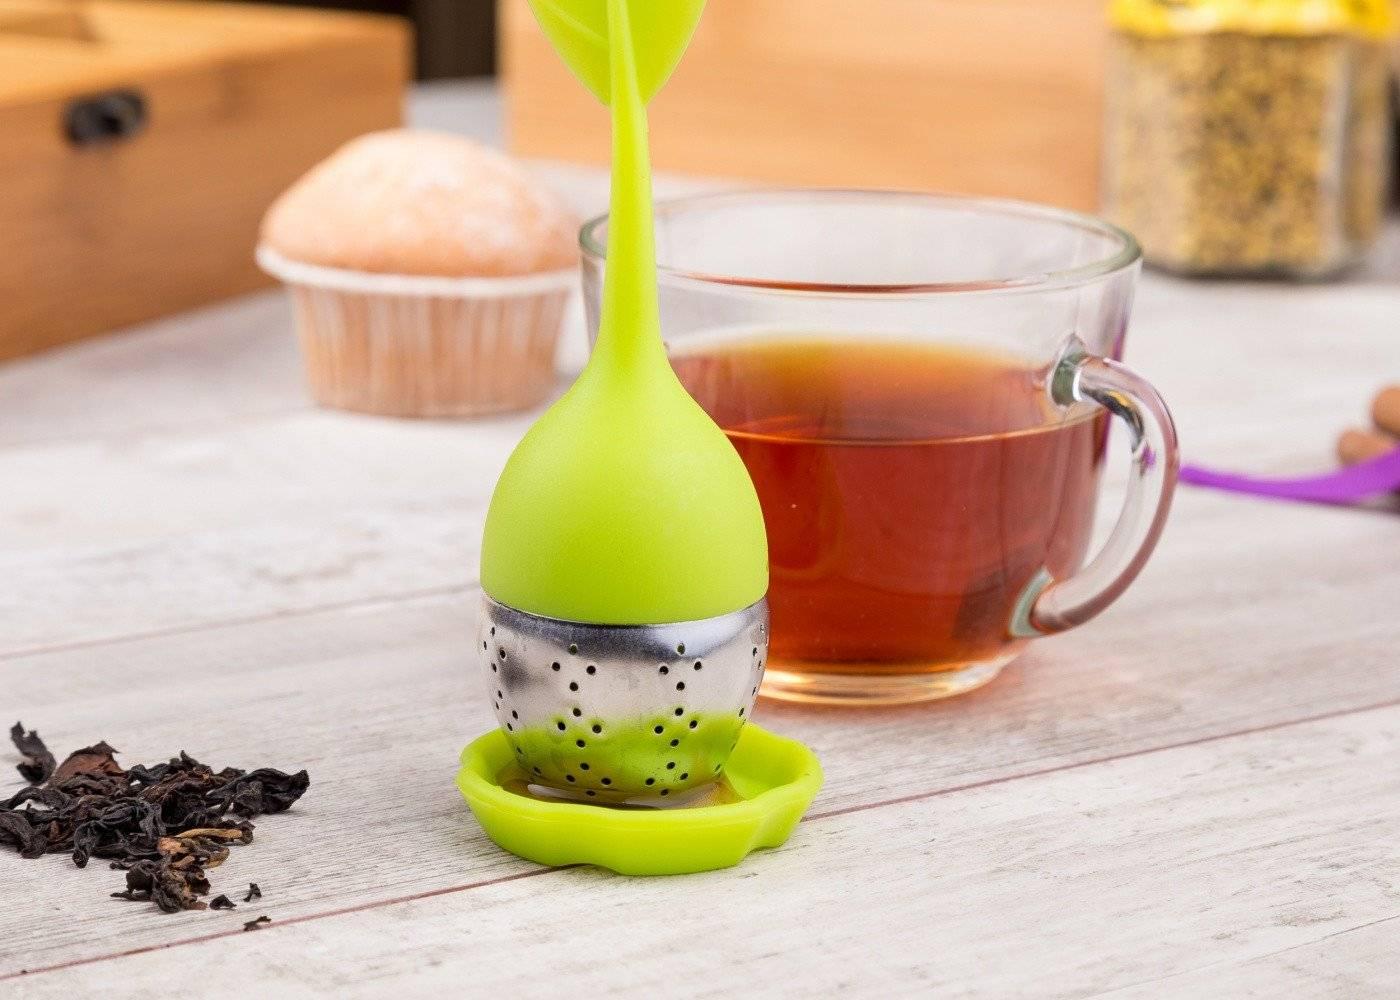 Выбираем чайник для заваривания чая: стеклянный или фарфоровый